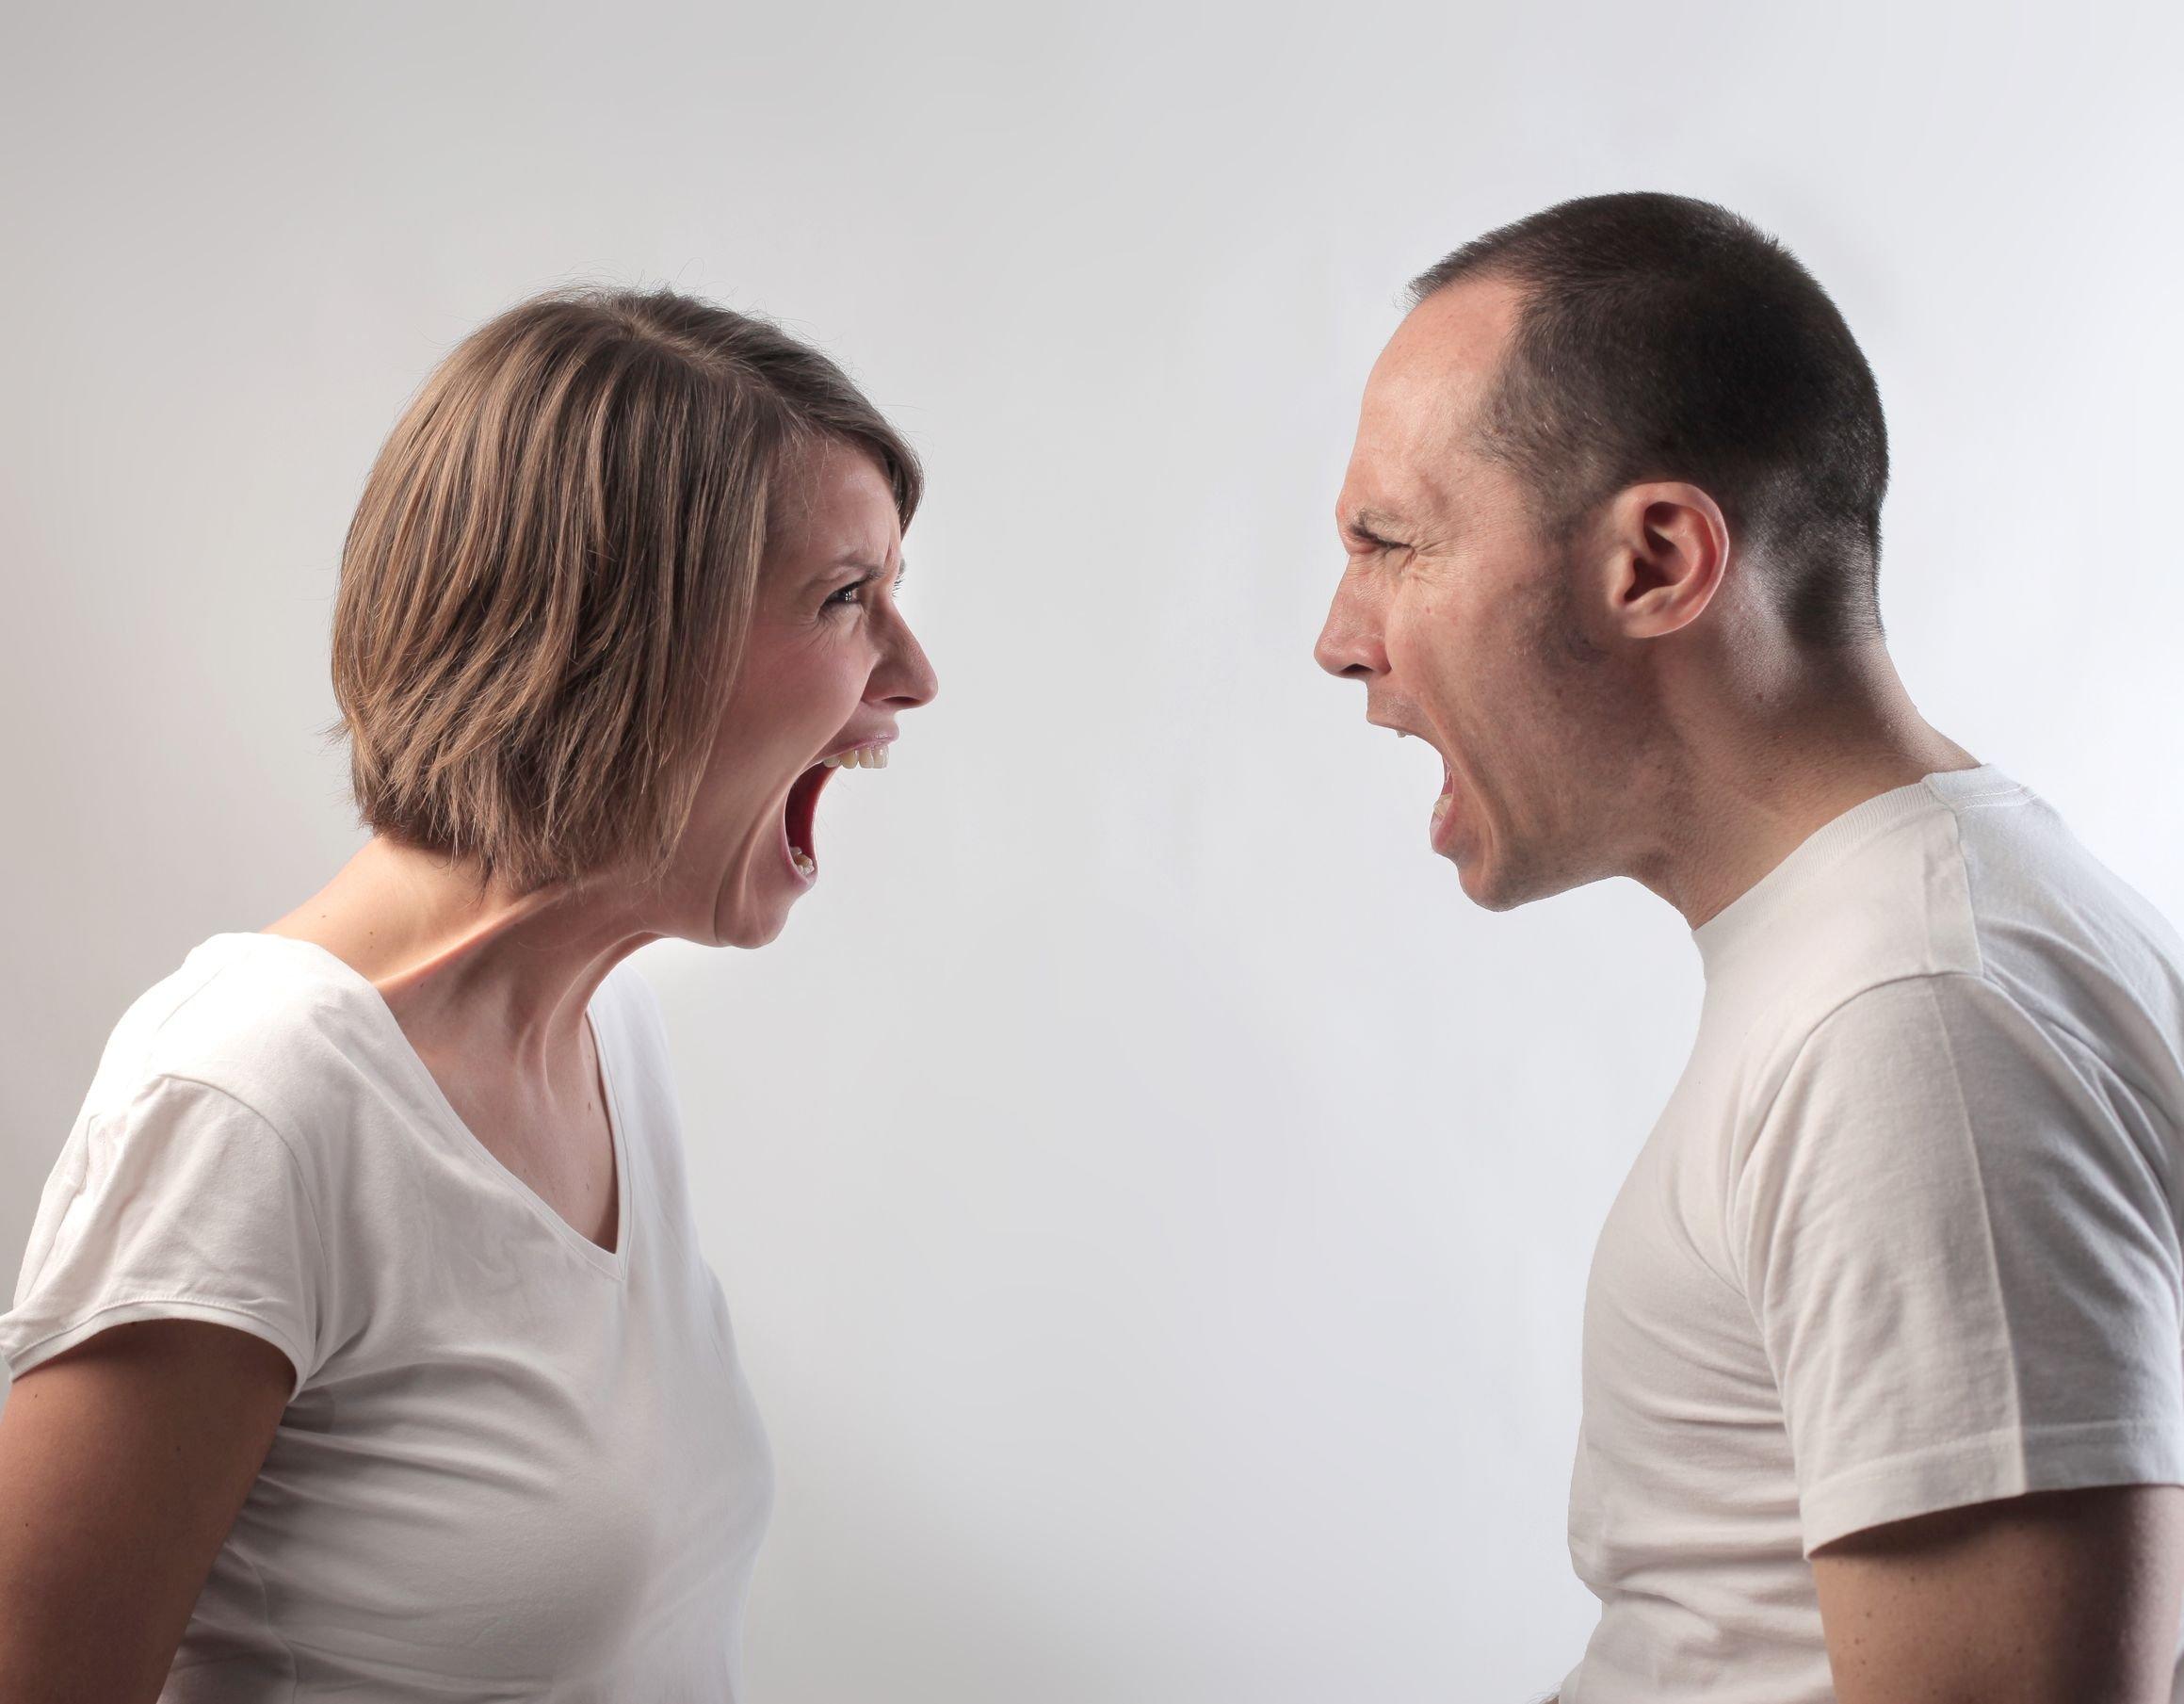 позволяет показать кричит на члене мужика видео любят трахаться